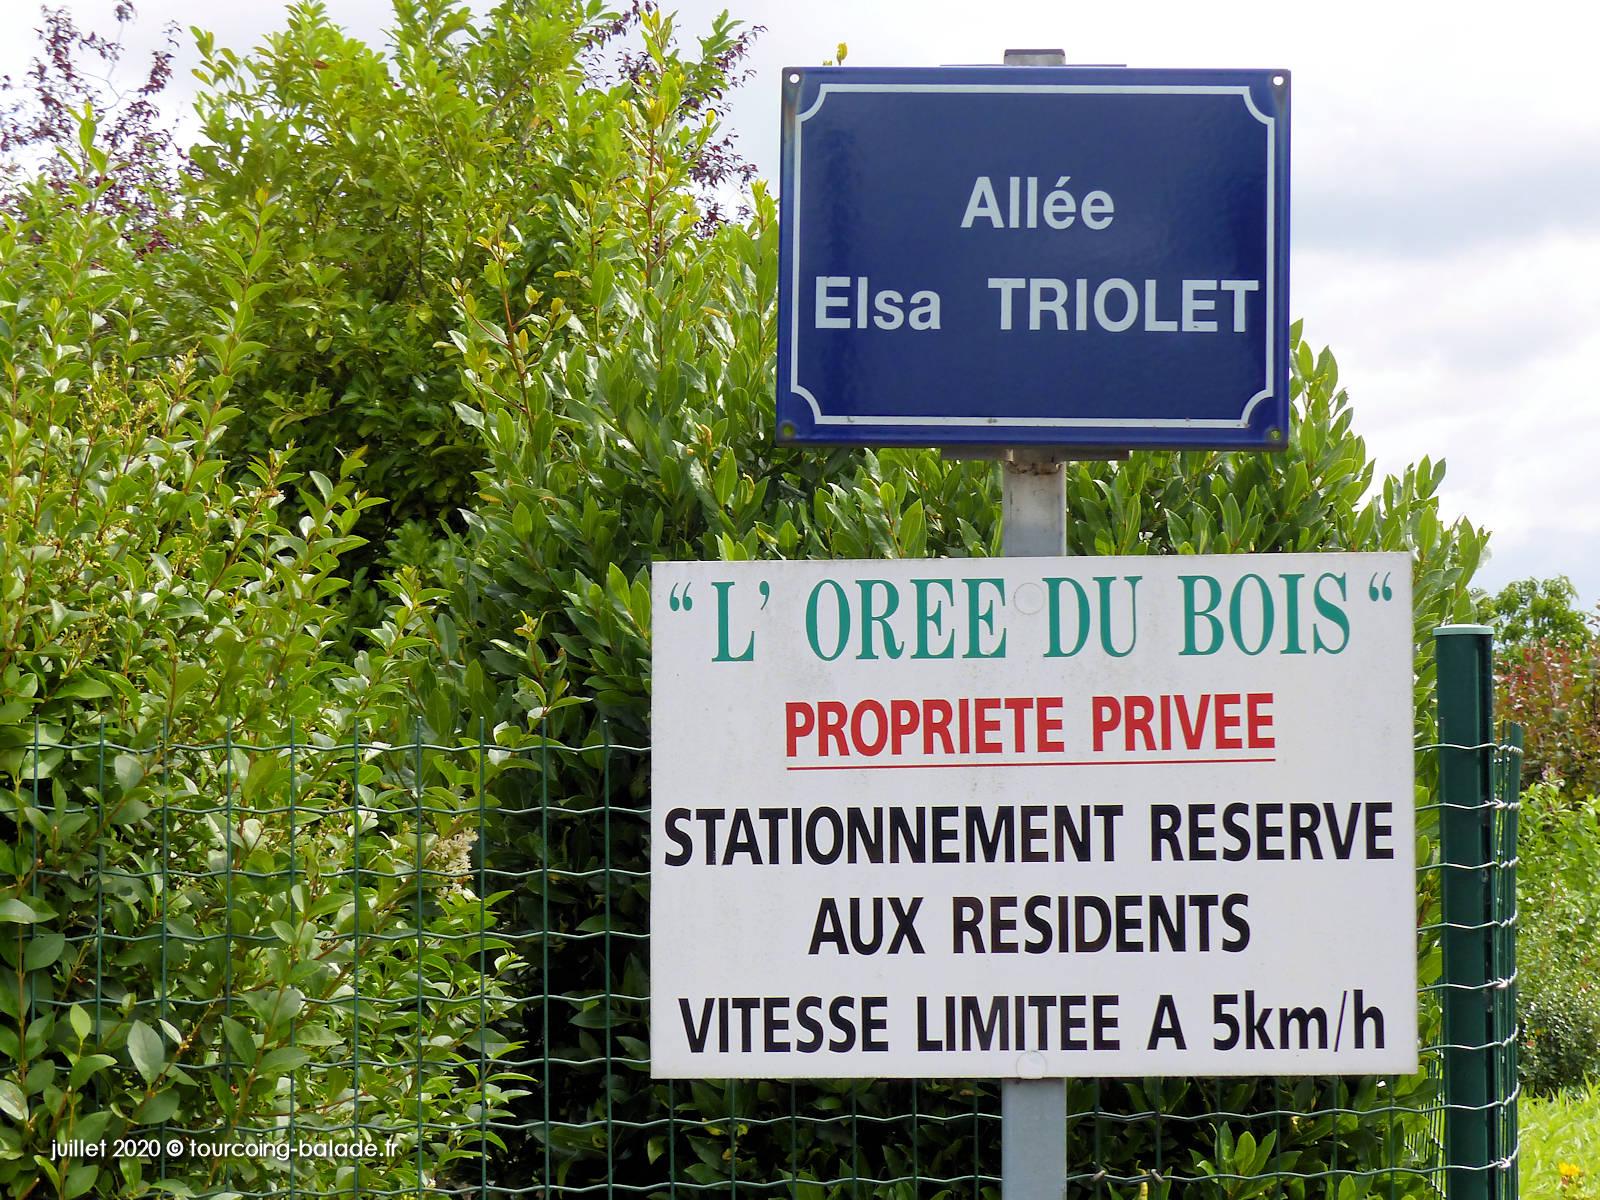 L'Orée du Bois, Allée Elsa Triolet, Tourcoing 2020